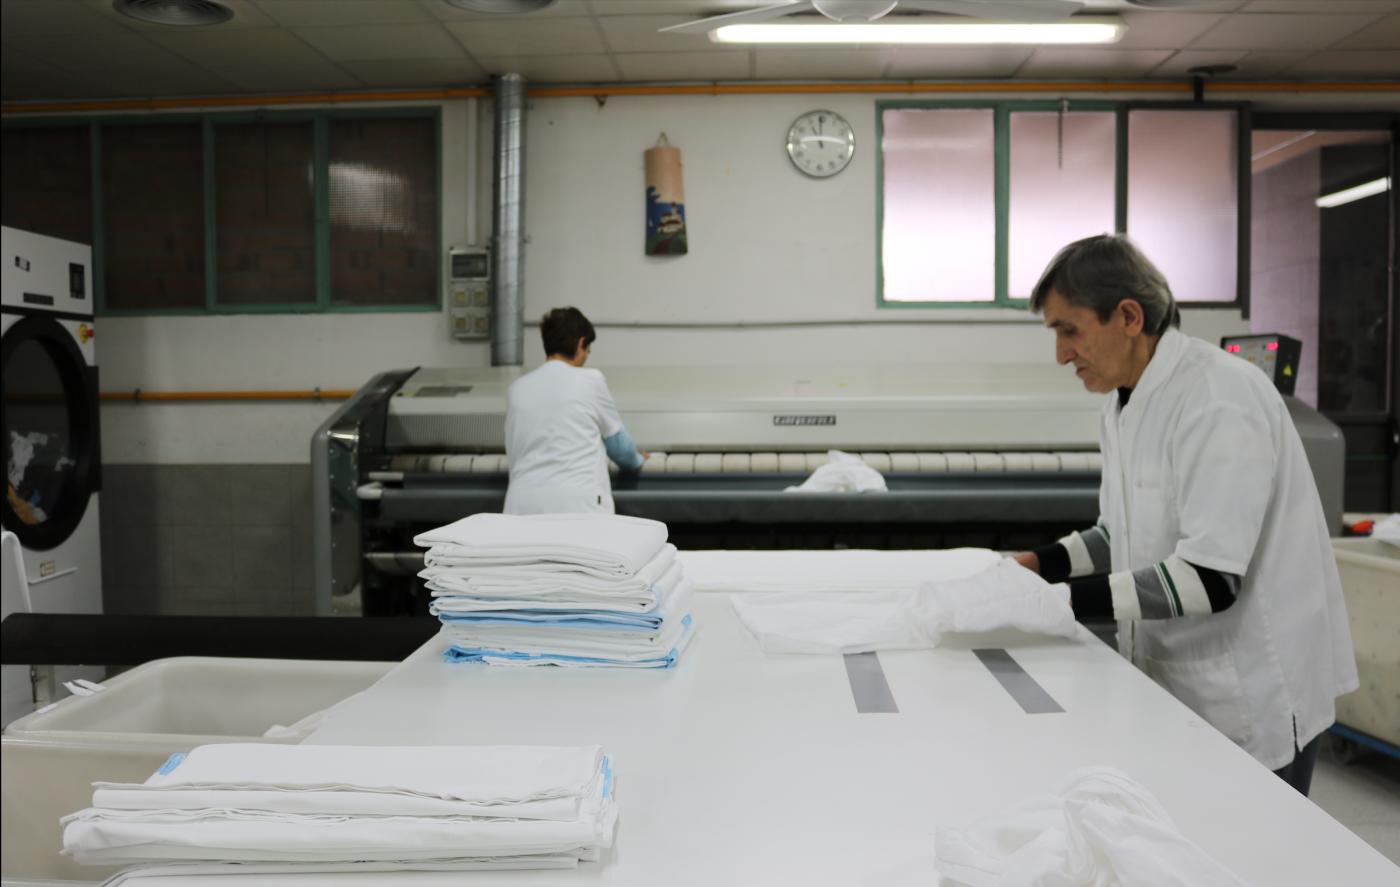 La bugaderia de l'Associació Alba guanya de nou el concurs per netejar la roba de l'Hospital Arnau i amplia el servei.